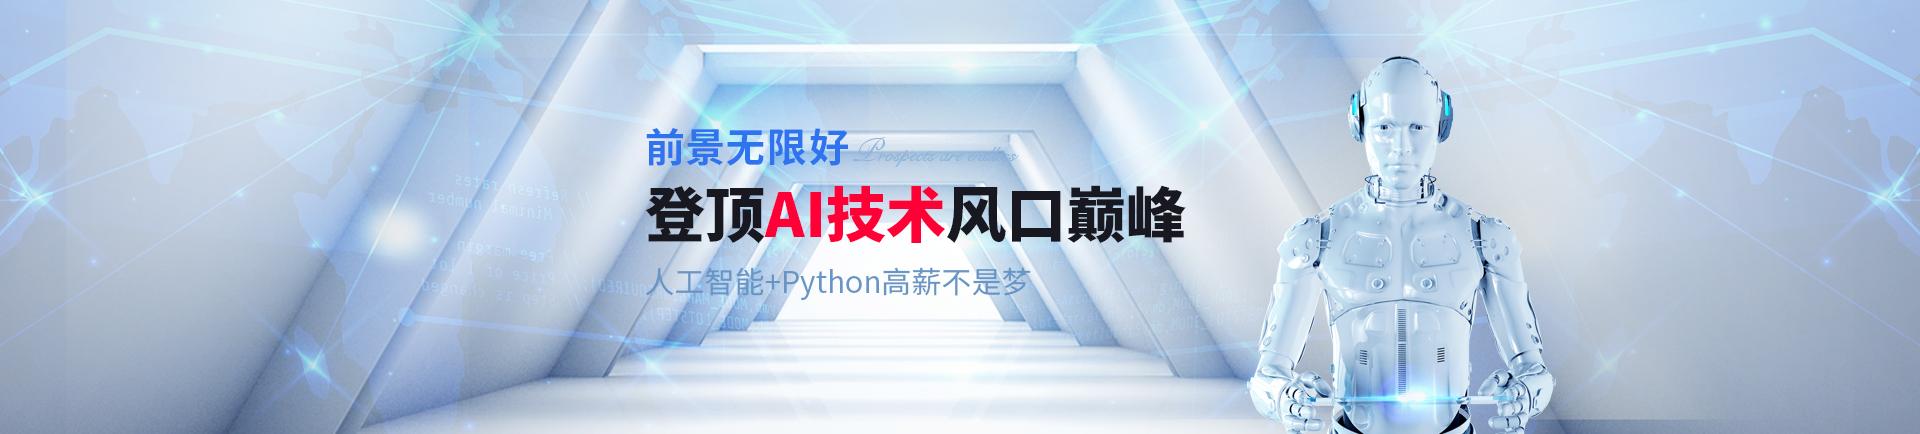 登顶AI技术风�巅峰 人工智能+Python高薪�是梦-qingdao